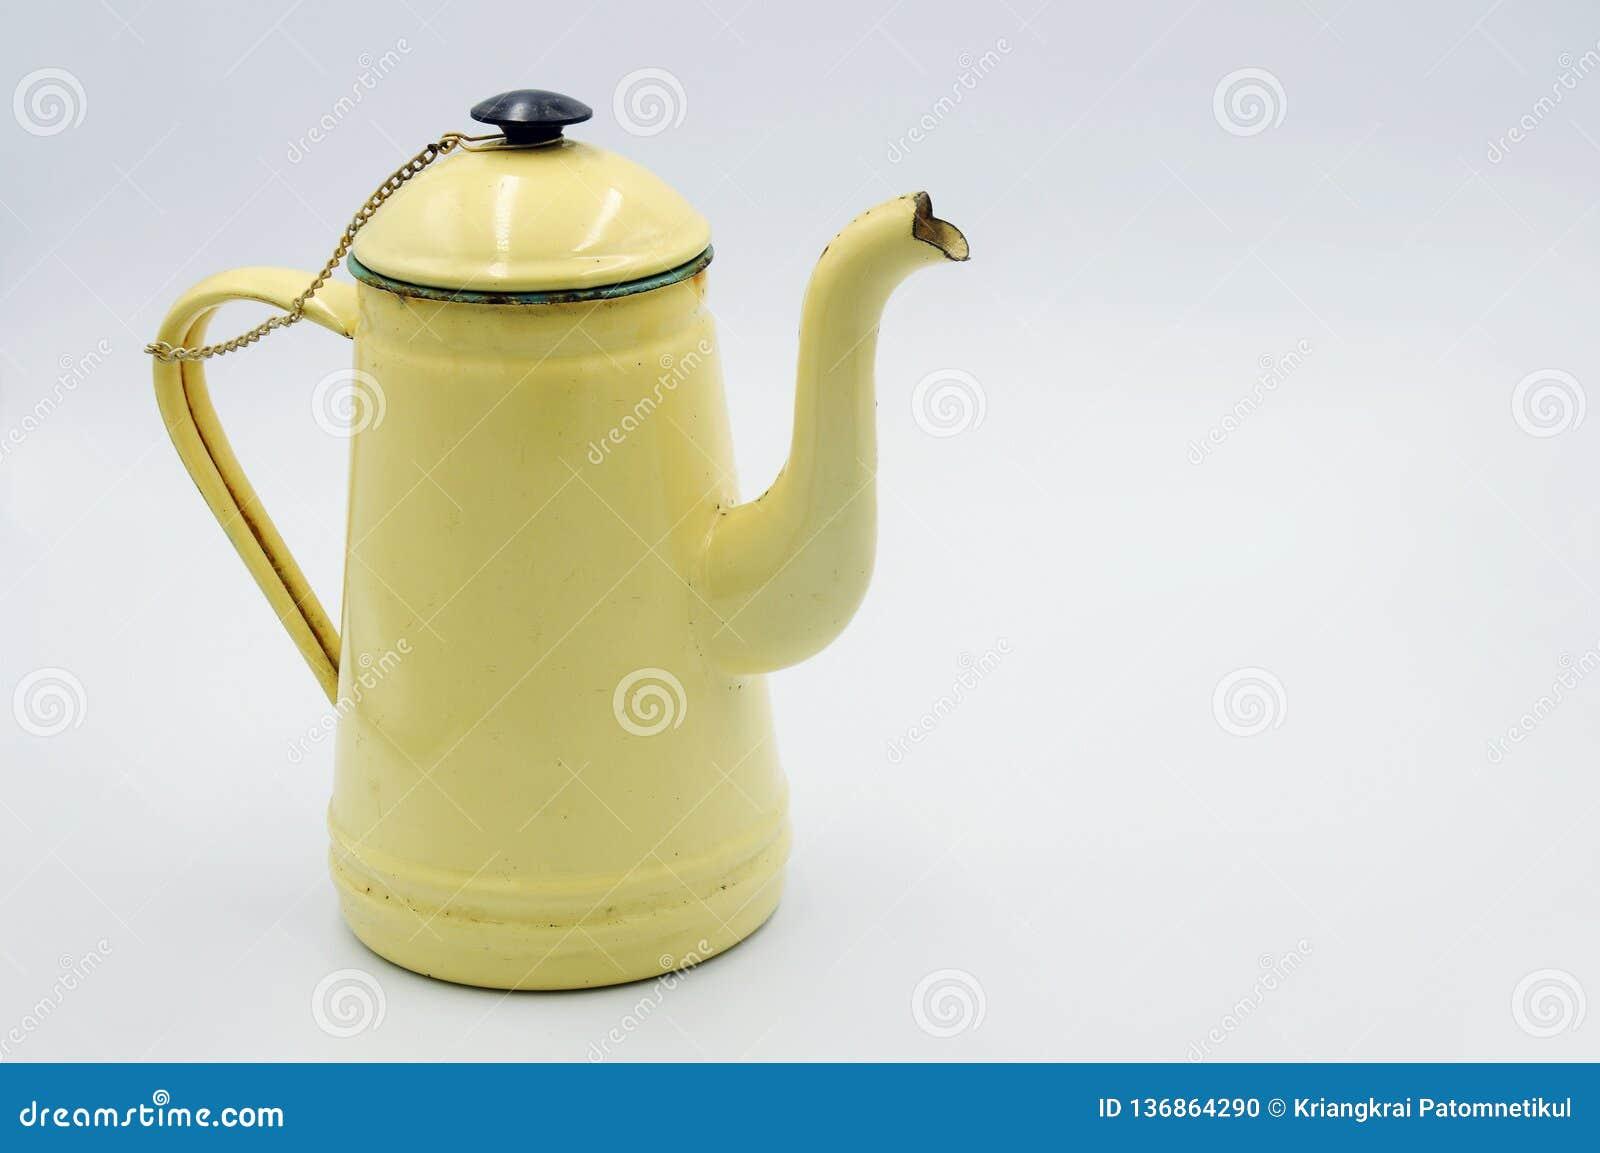 La jarra del esmalte del vintage es una amarillo claro en el backgound blanco